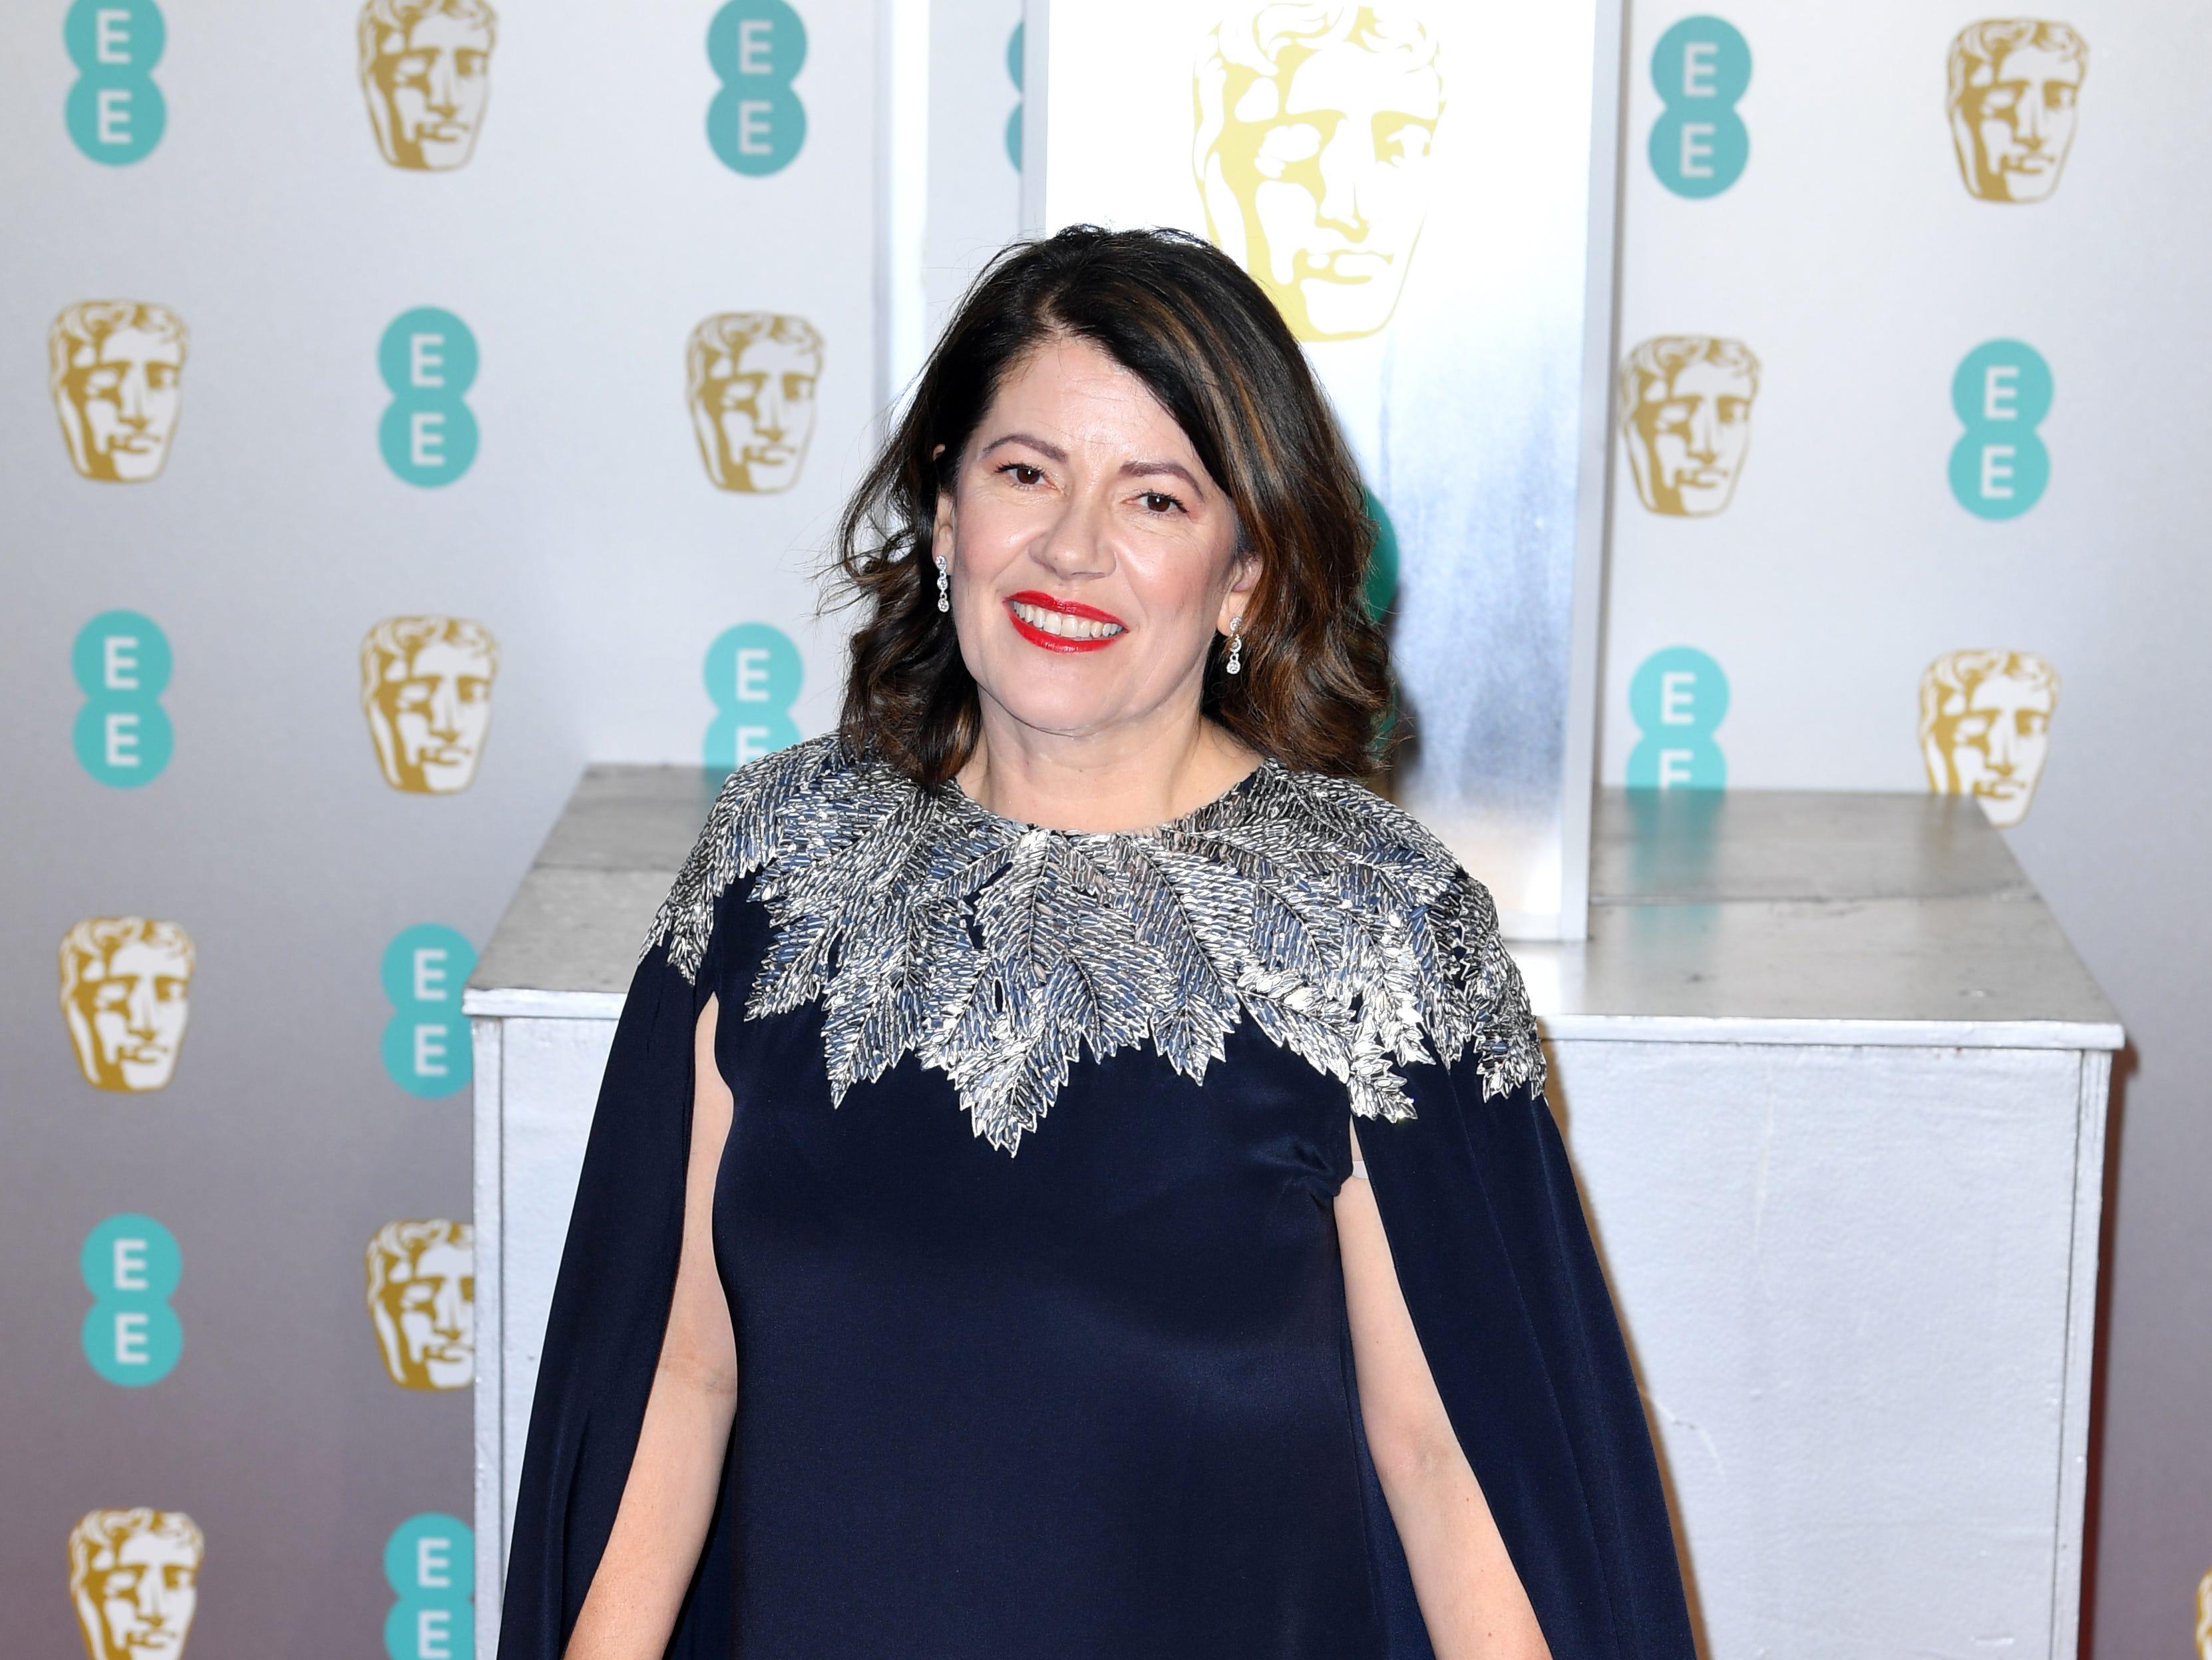 Dame Pippa Harris a su llegada a la alfombra roja de los Premios de la Academia Británica de Cine BAFTA en el Royal Albert Hall en Londres el 10 de febrero de 2019.